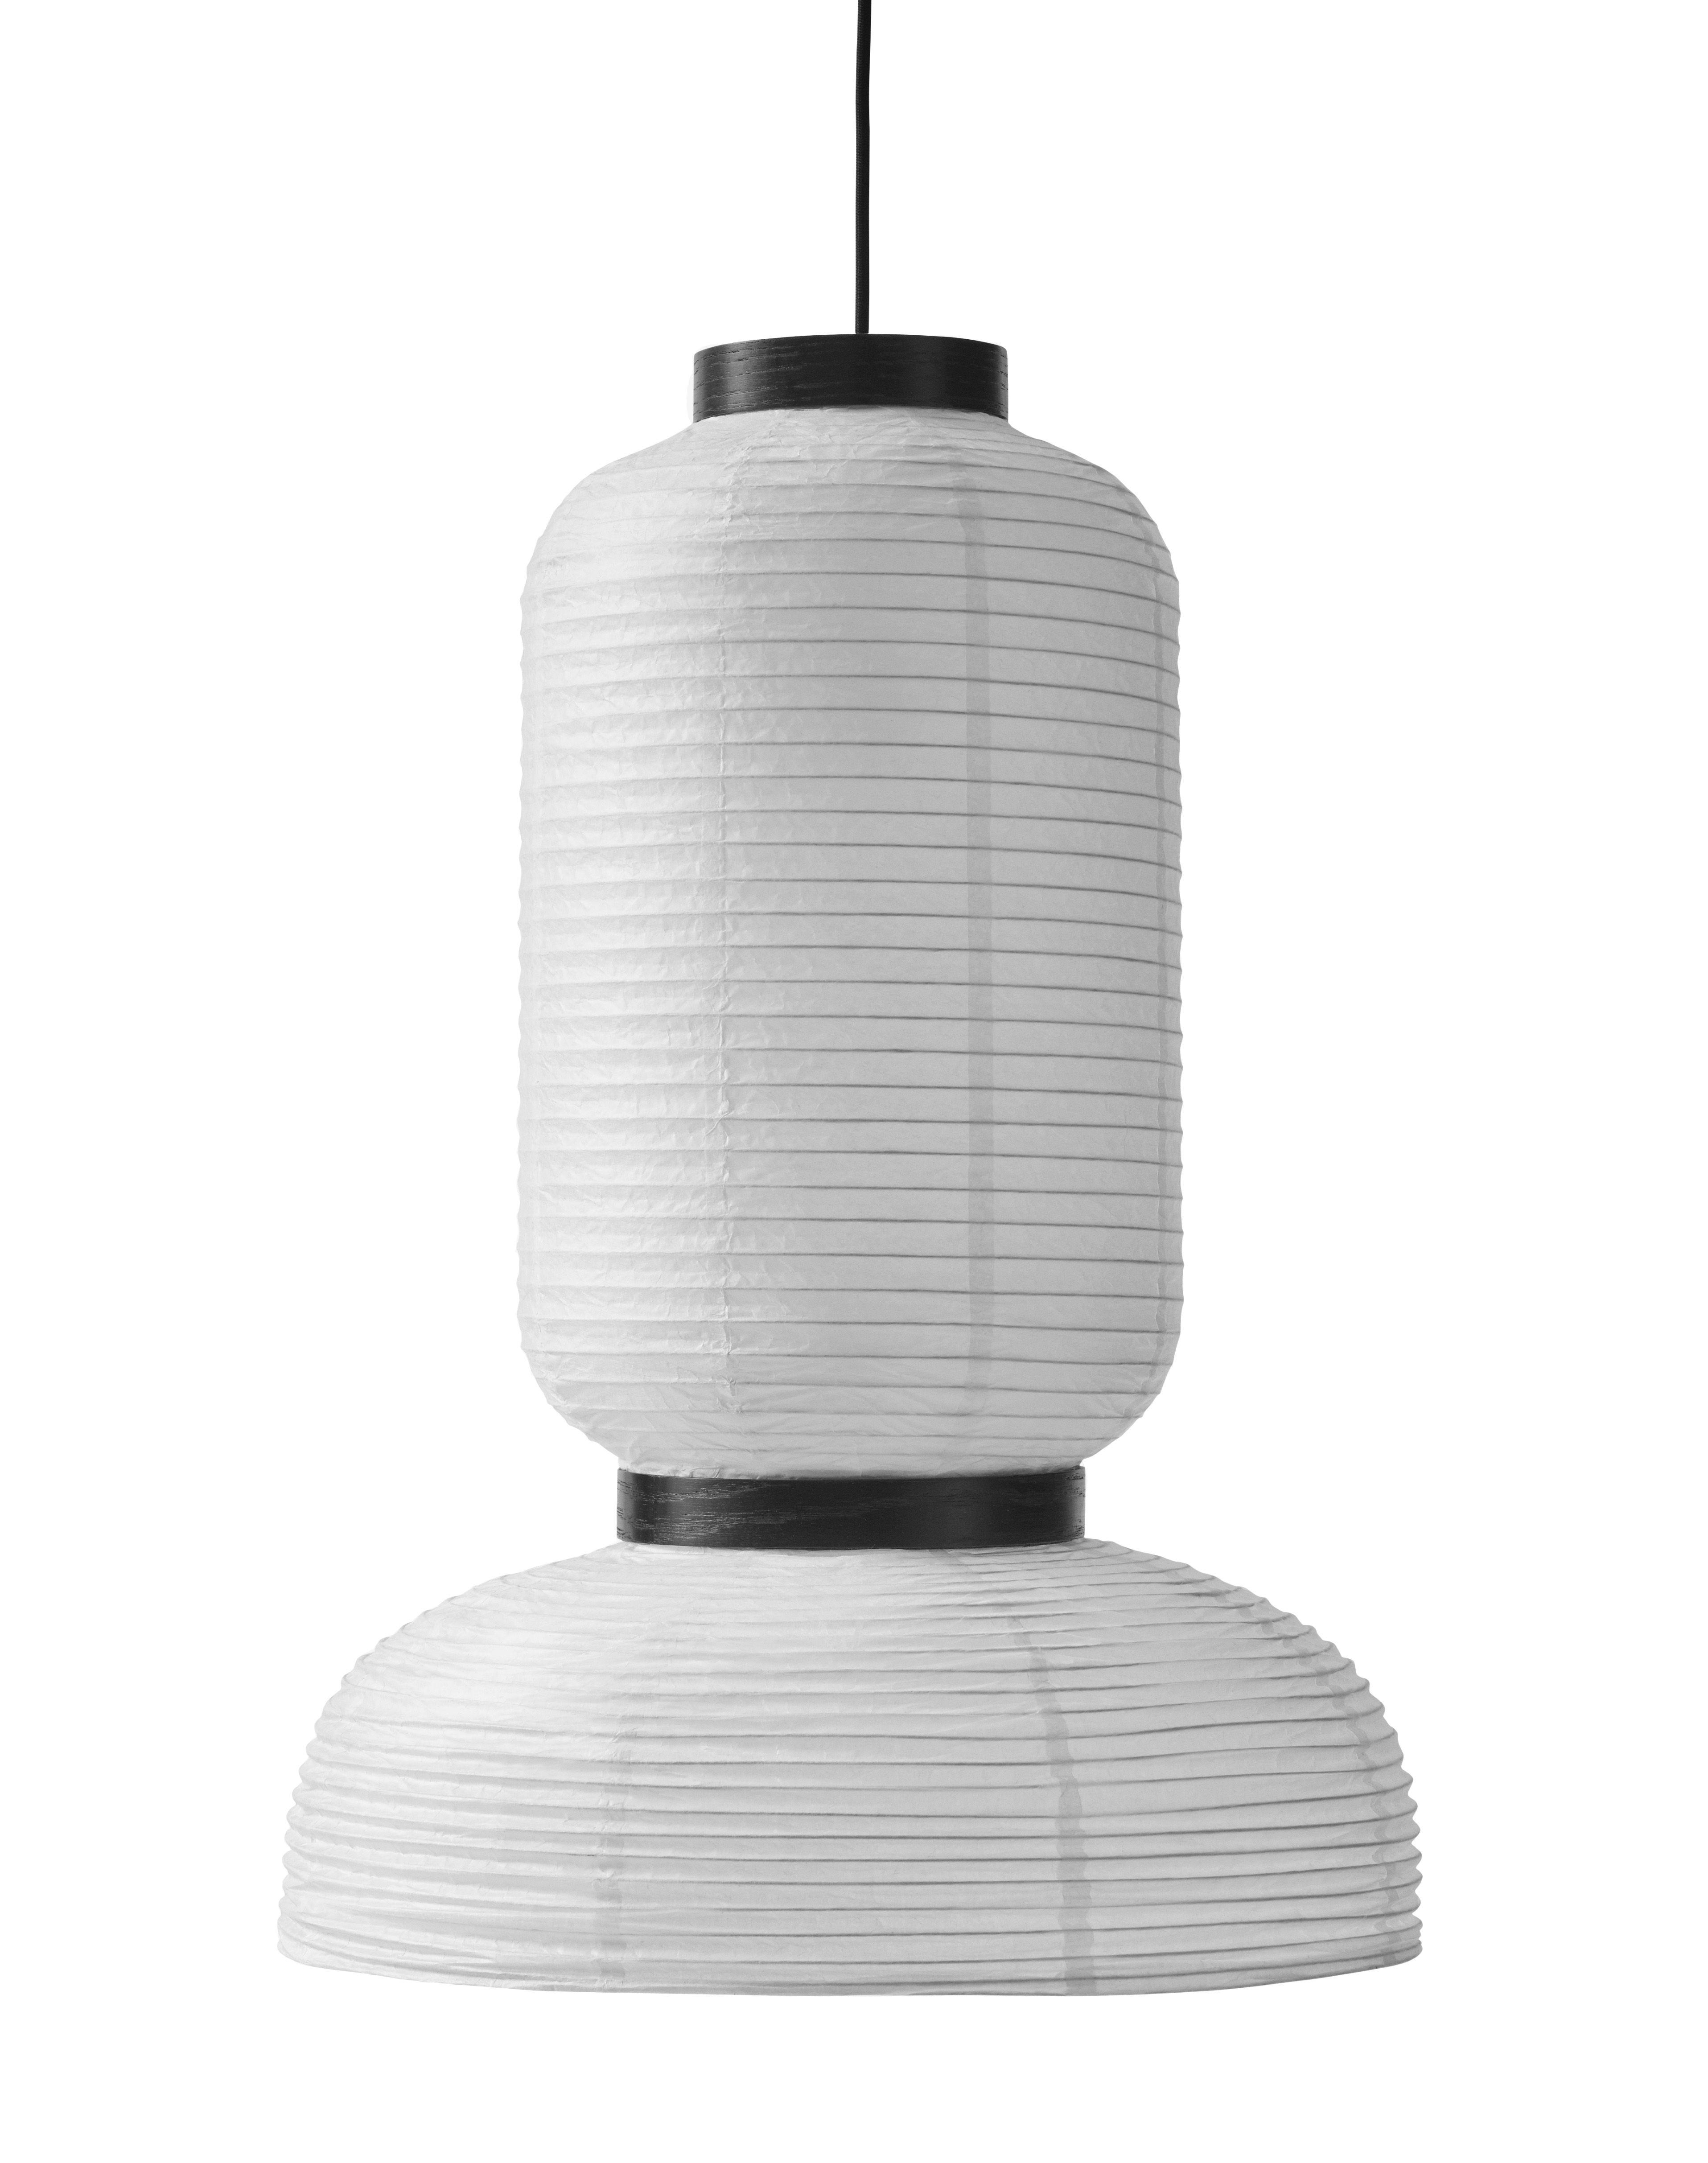 Luminaire - Suspensions - Suspension Formakami JH3 / Ø 45 x H 65 cm - &tradition - Blanc ivoire / Noir - Chêne, Papier de riz, Tissu